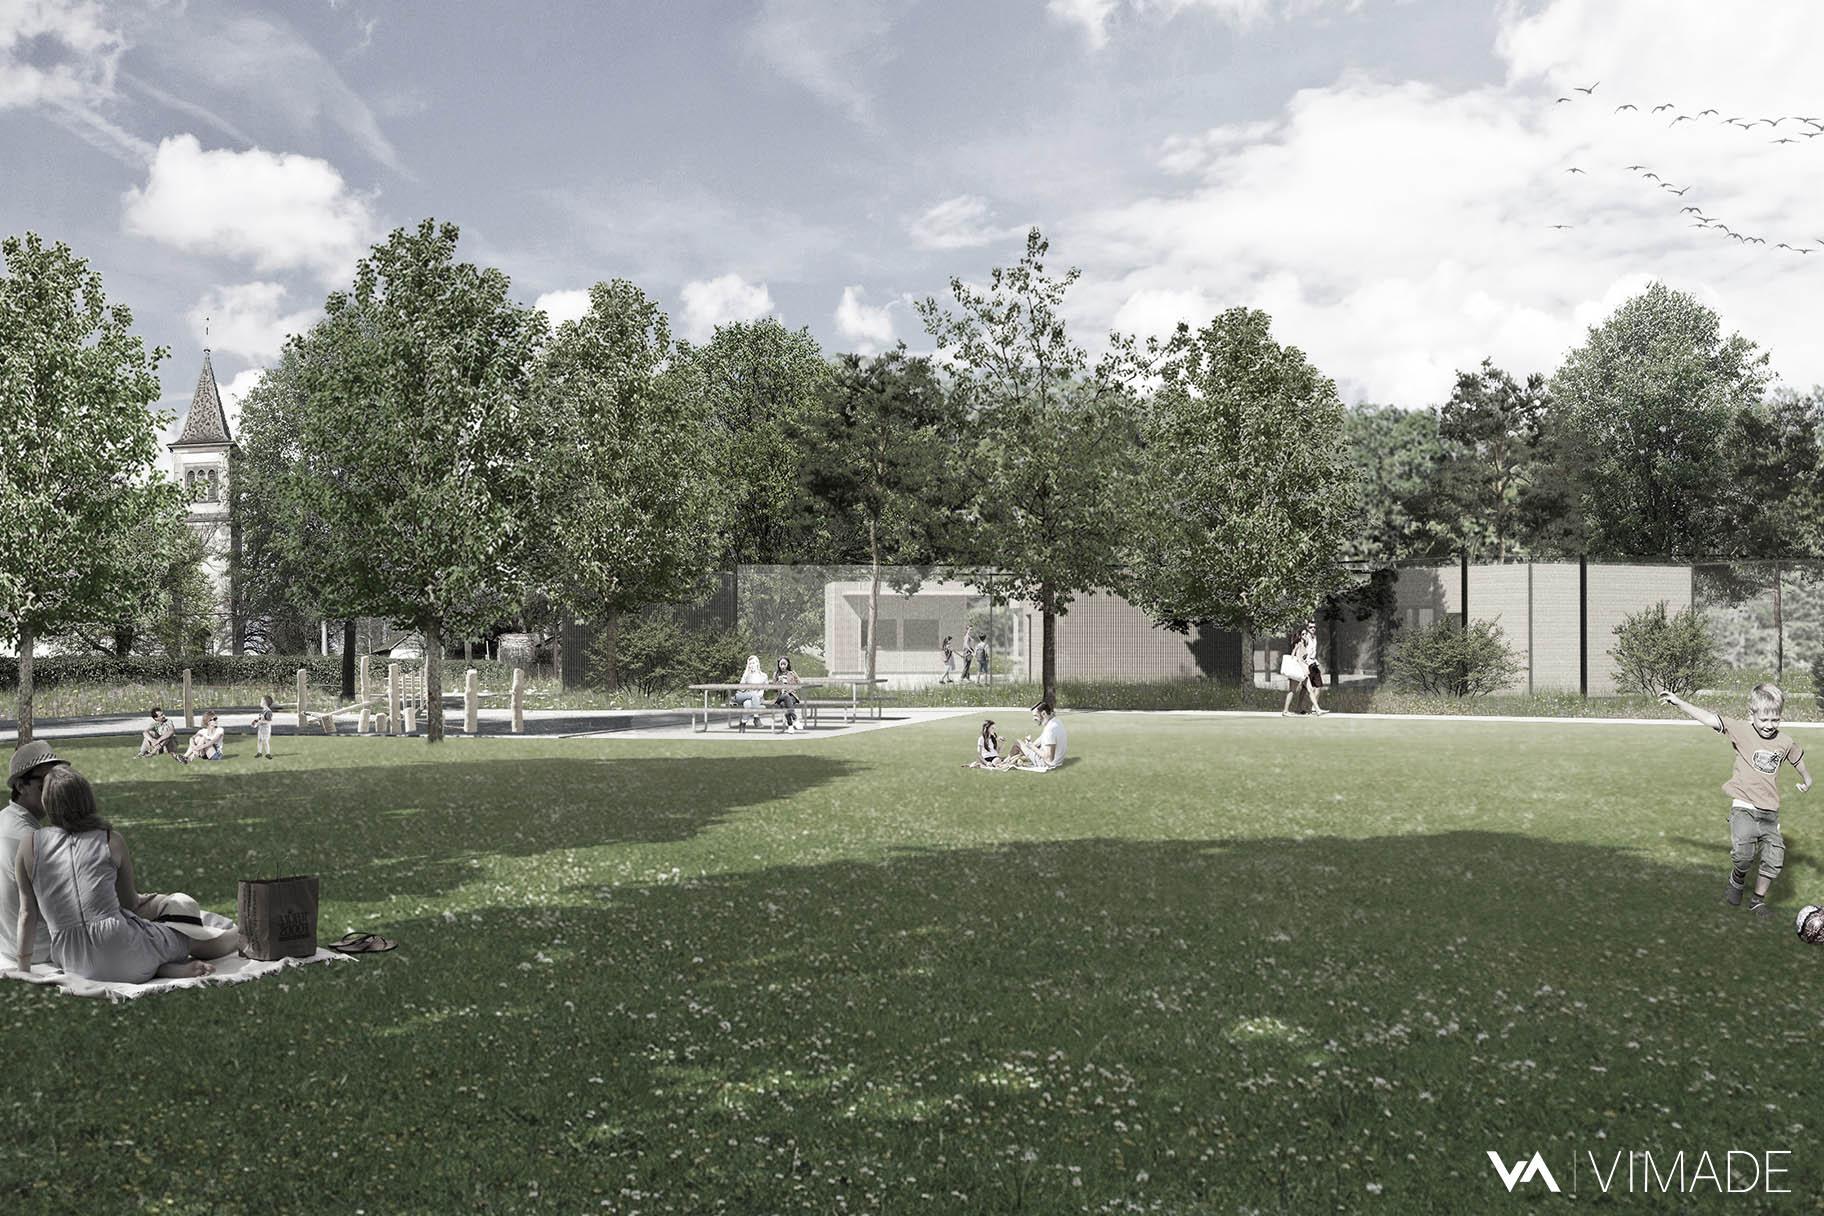 Perspective de la grande pelouse centrale du parc animalier de l'Esplanade à Vernier, articulant une promenade, une place de jeux en bois et un espace pique-nique, par le bureau VIMADE Architectes paysagistes à Genève.